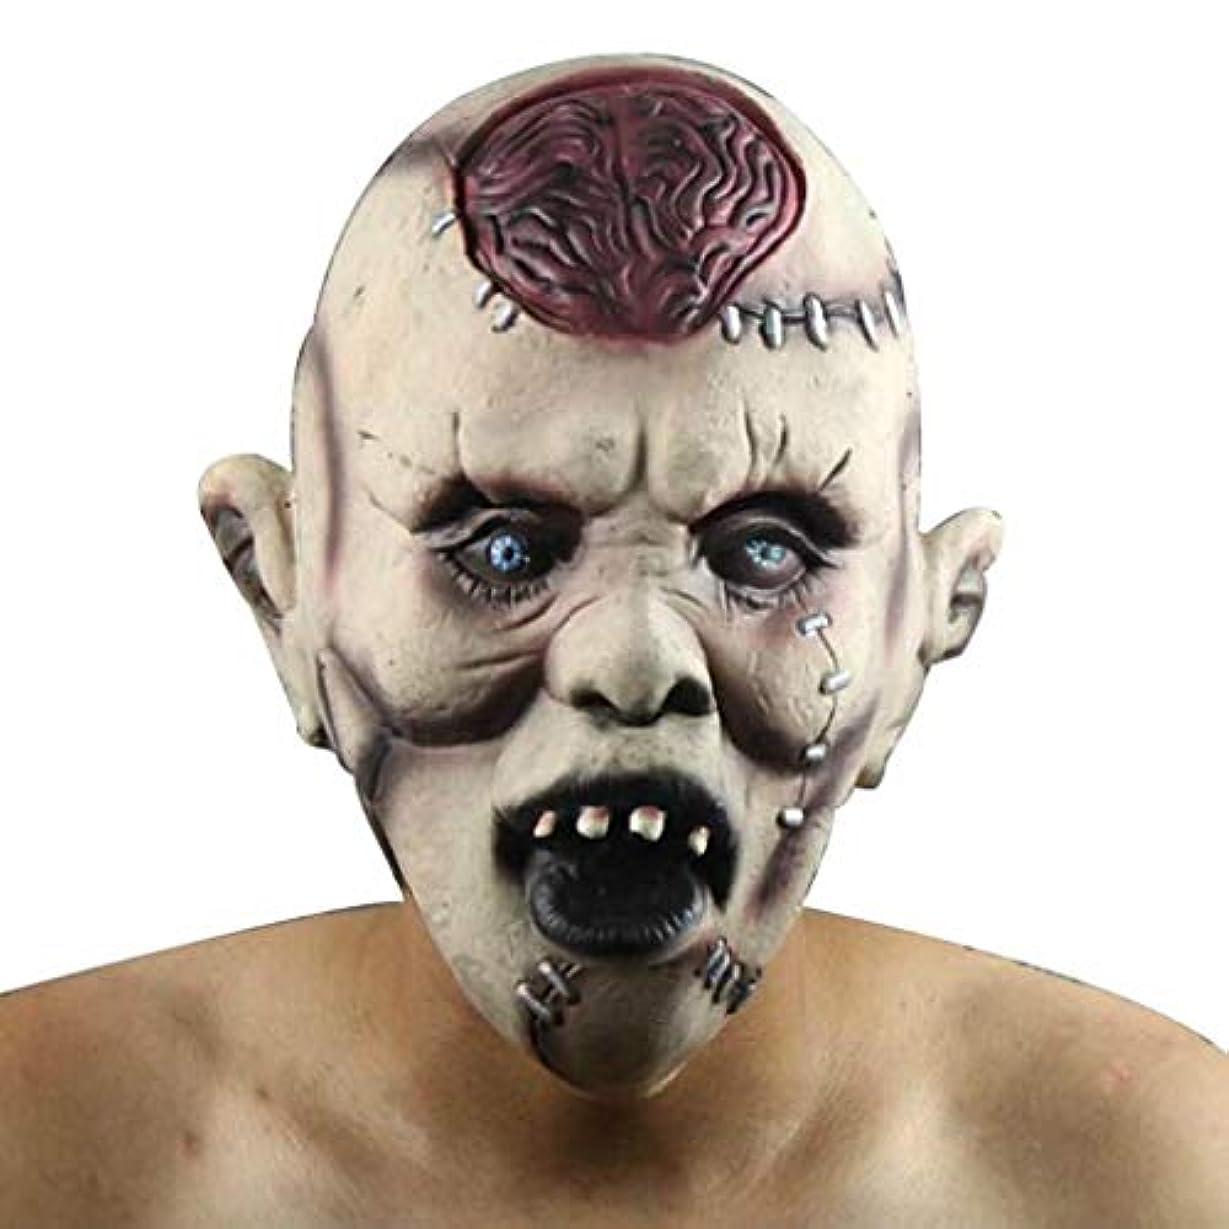 慢な期限切れ化学者ハロウィンゴーストマスクホラーマスクホラーラテックスヘッドカバー映画小道具仮面舞踏会マスク